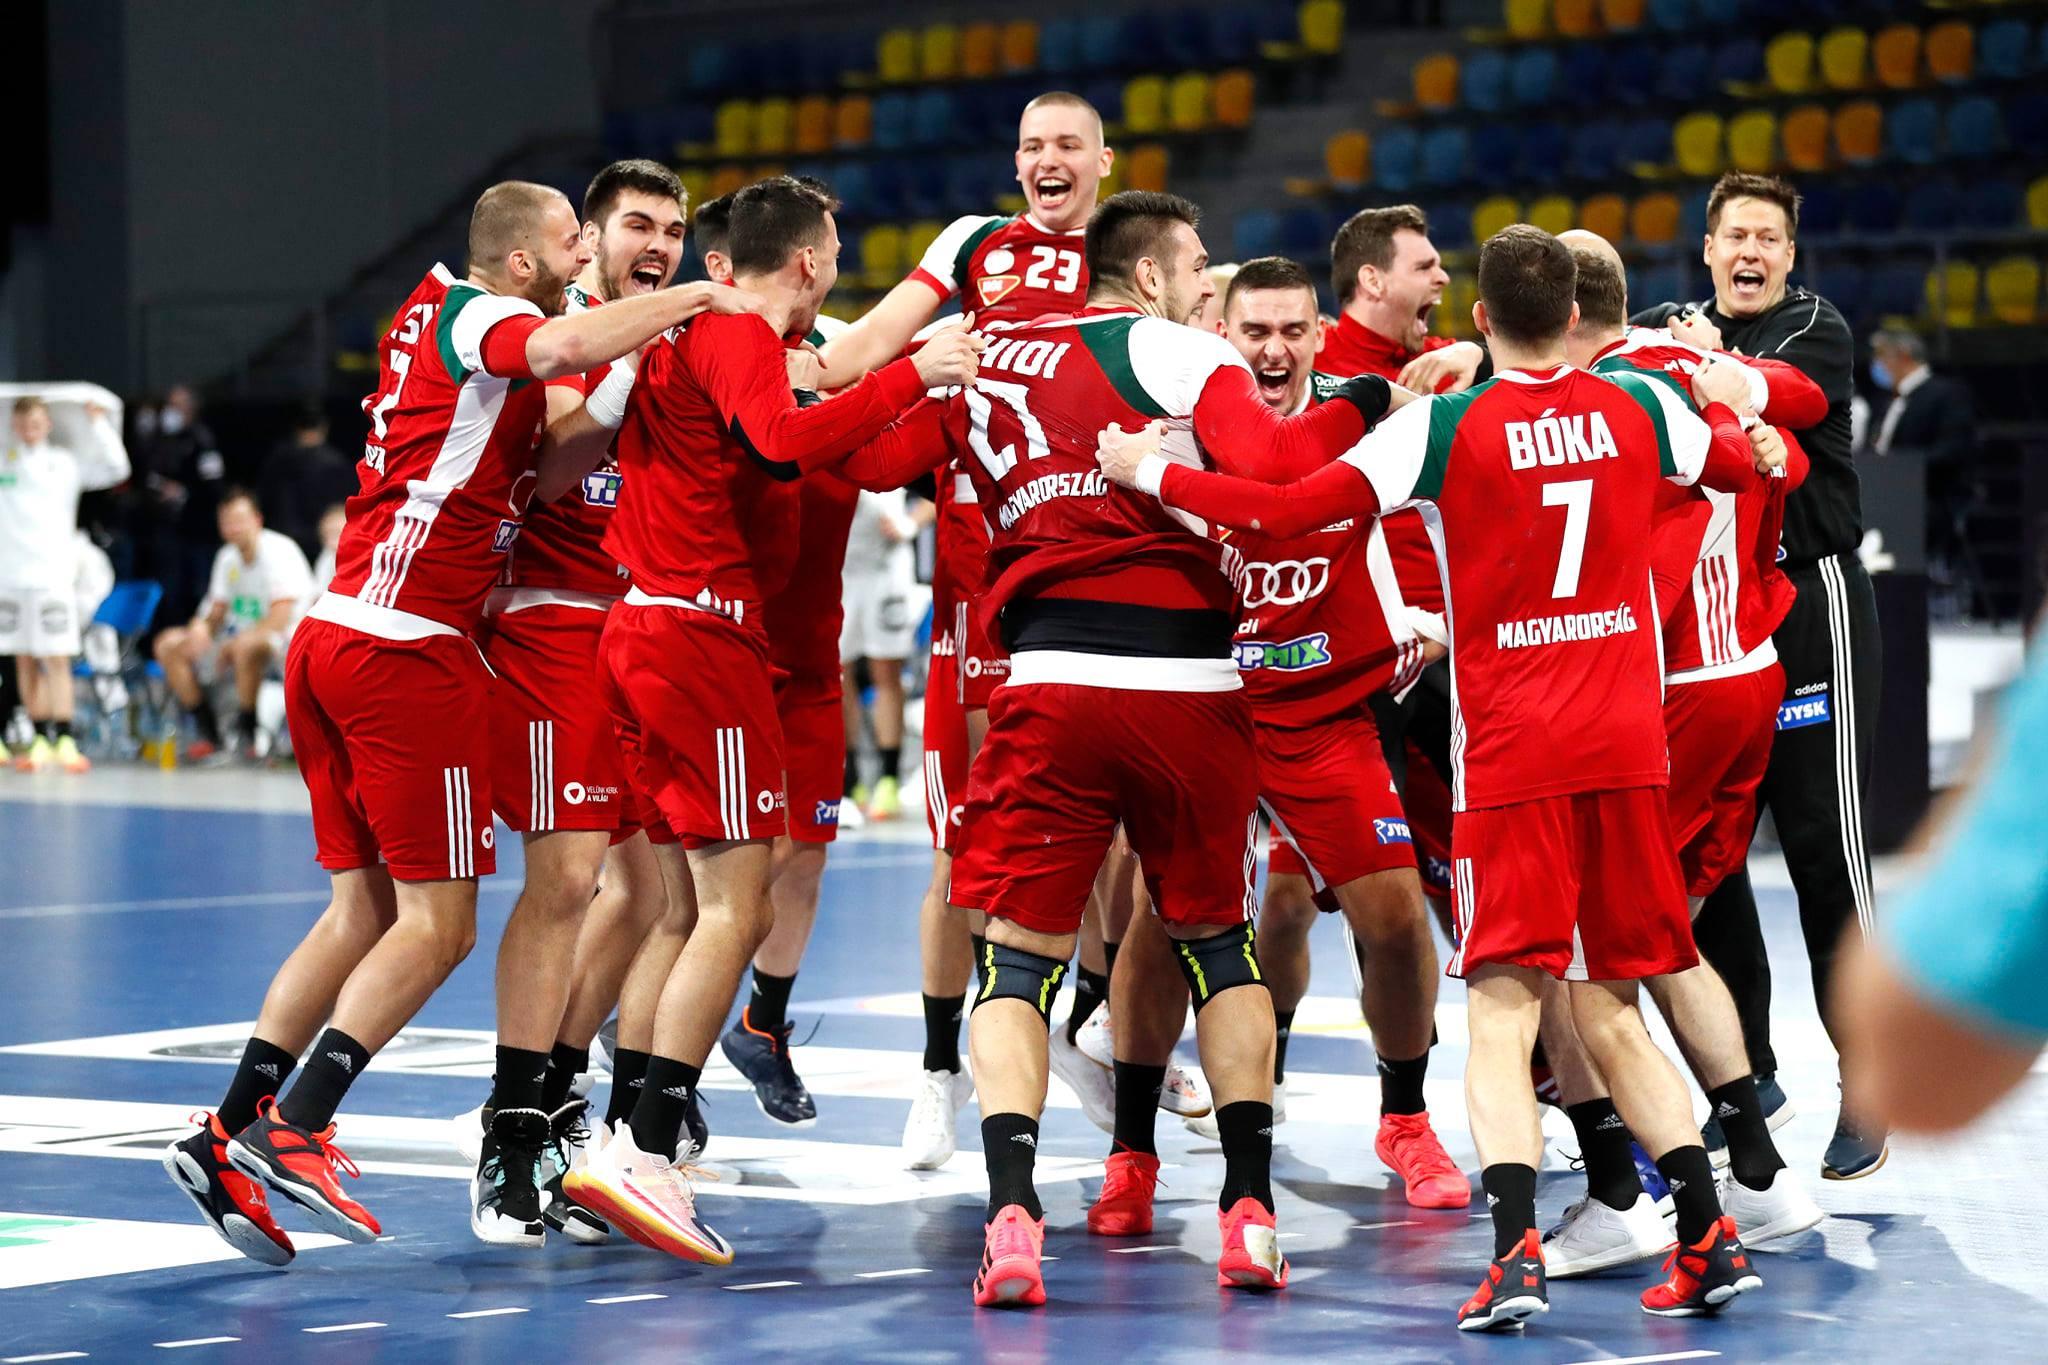 Brazília legyőzésével a negyeddöntő küszöbén a magyar válogatott.